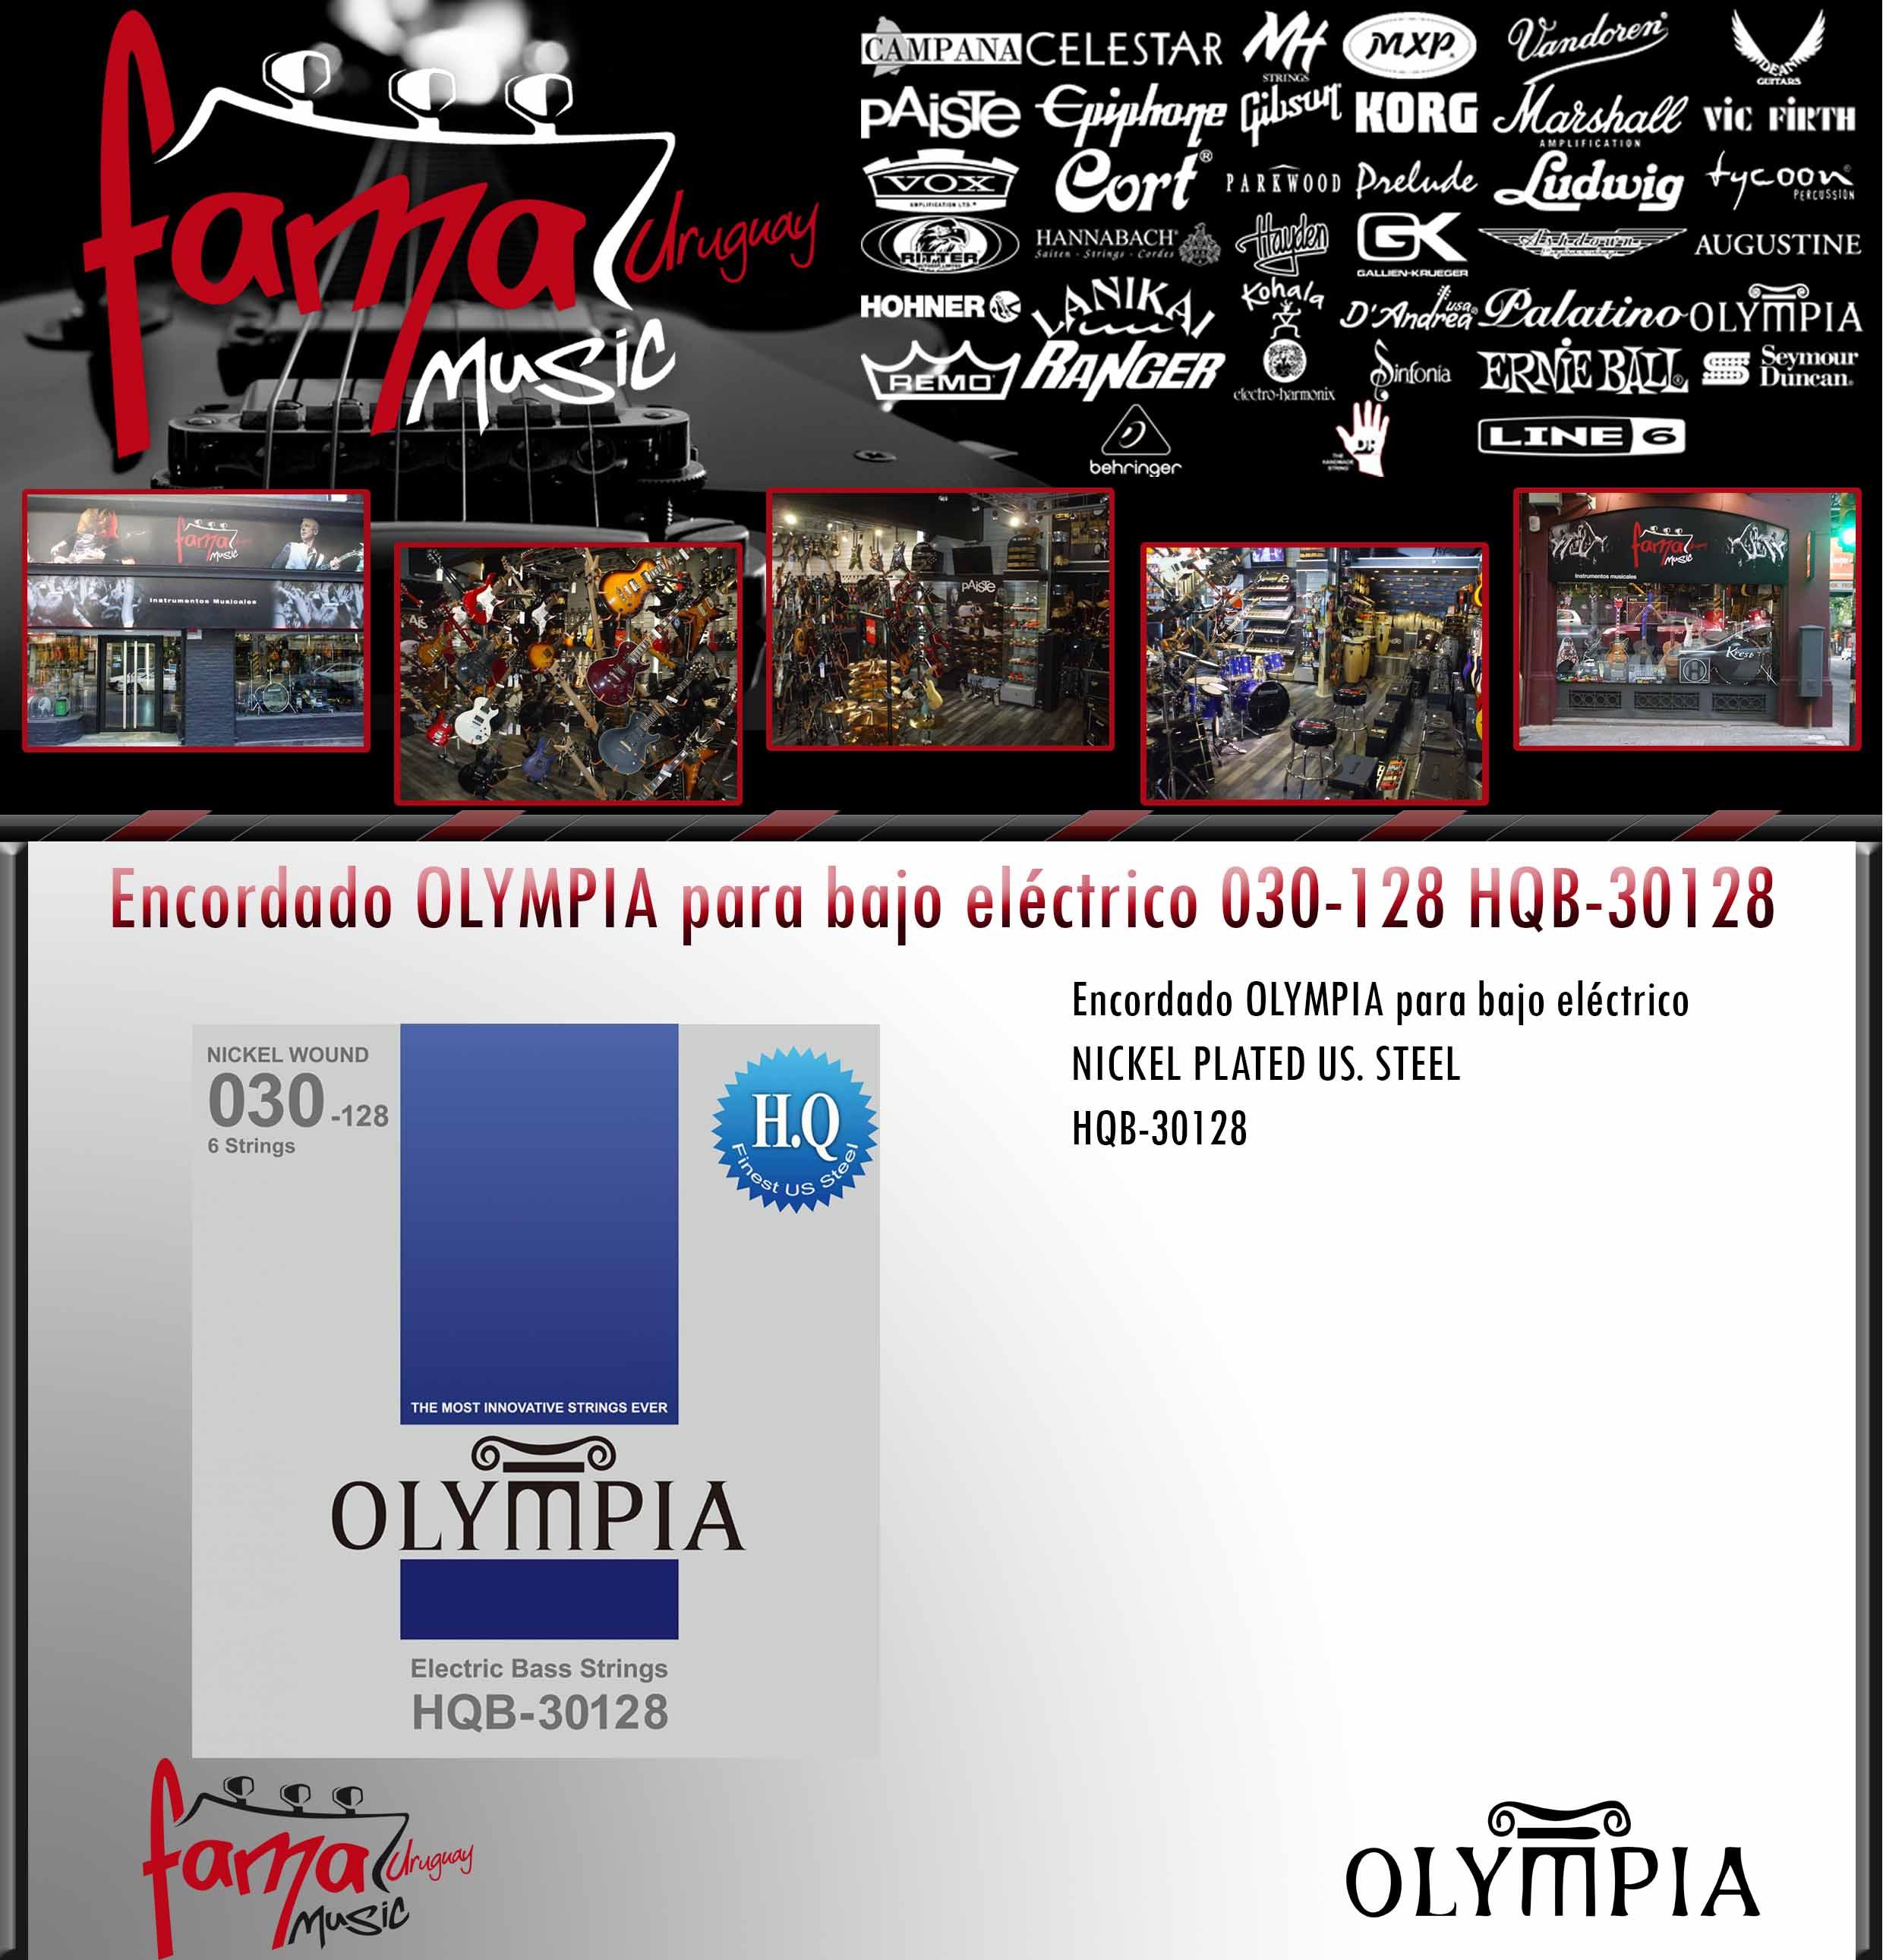 Encordado OLYMPIA para bajo eléctrico 030-128 HQB-30128